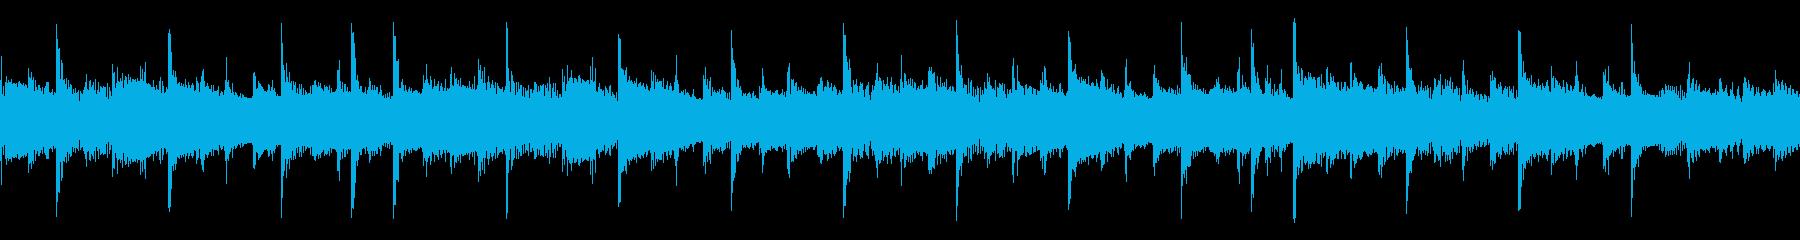 シンプルに力強く進んでいくアコギのロックの再生済みの波形